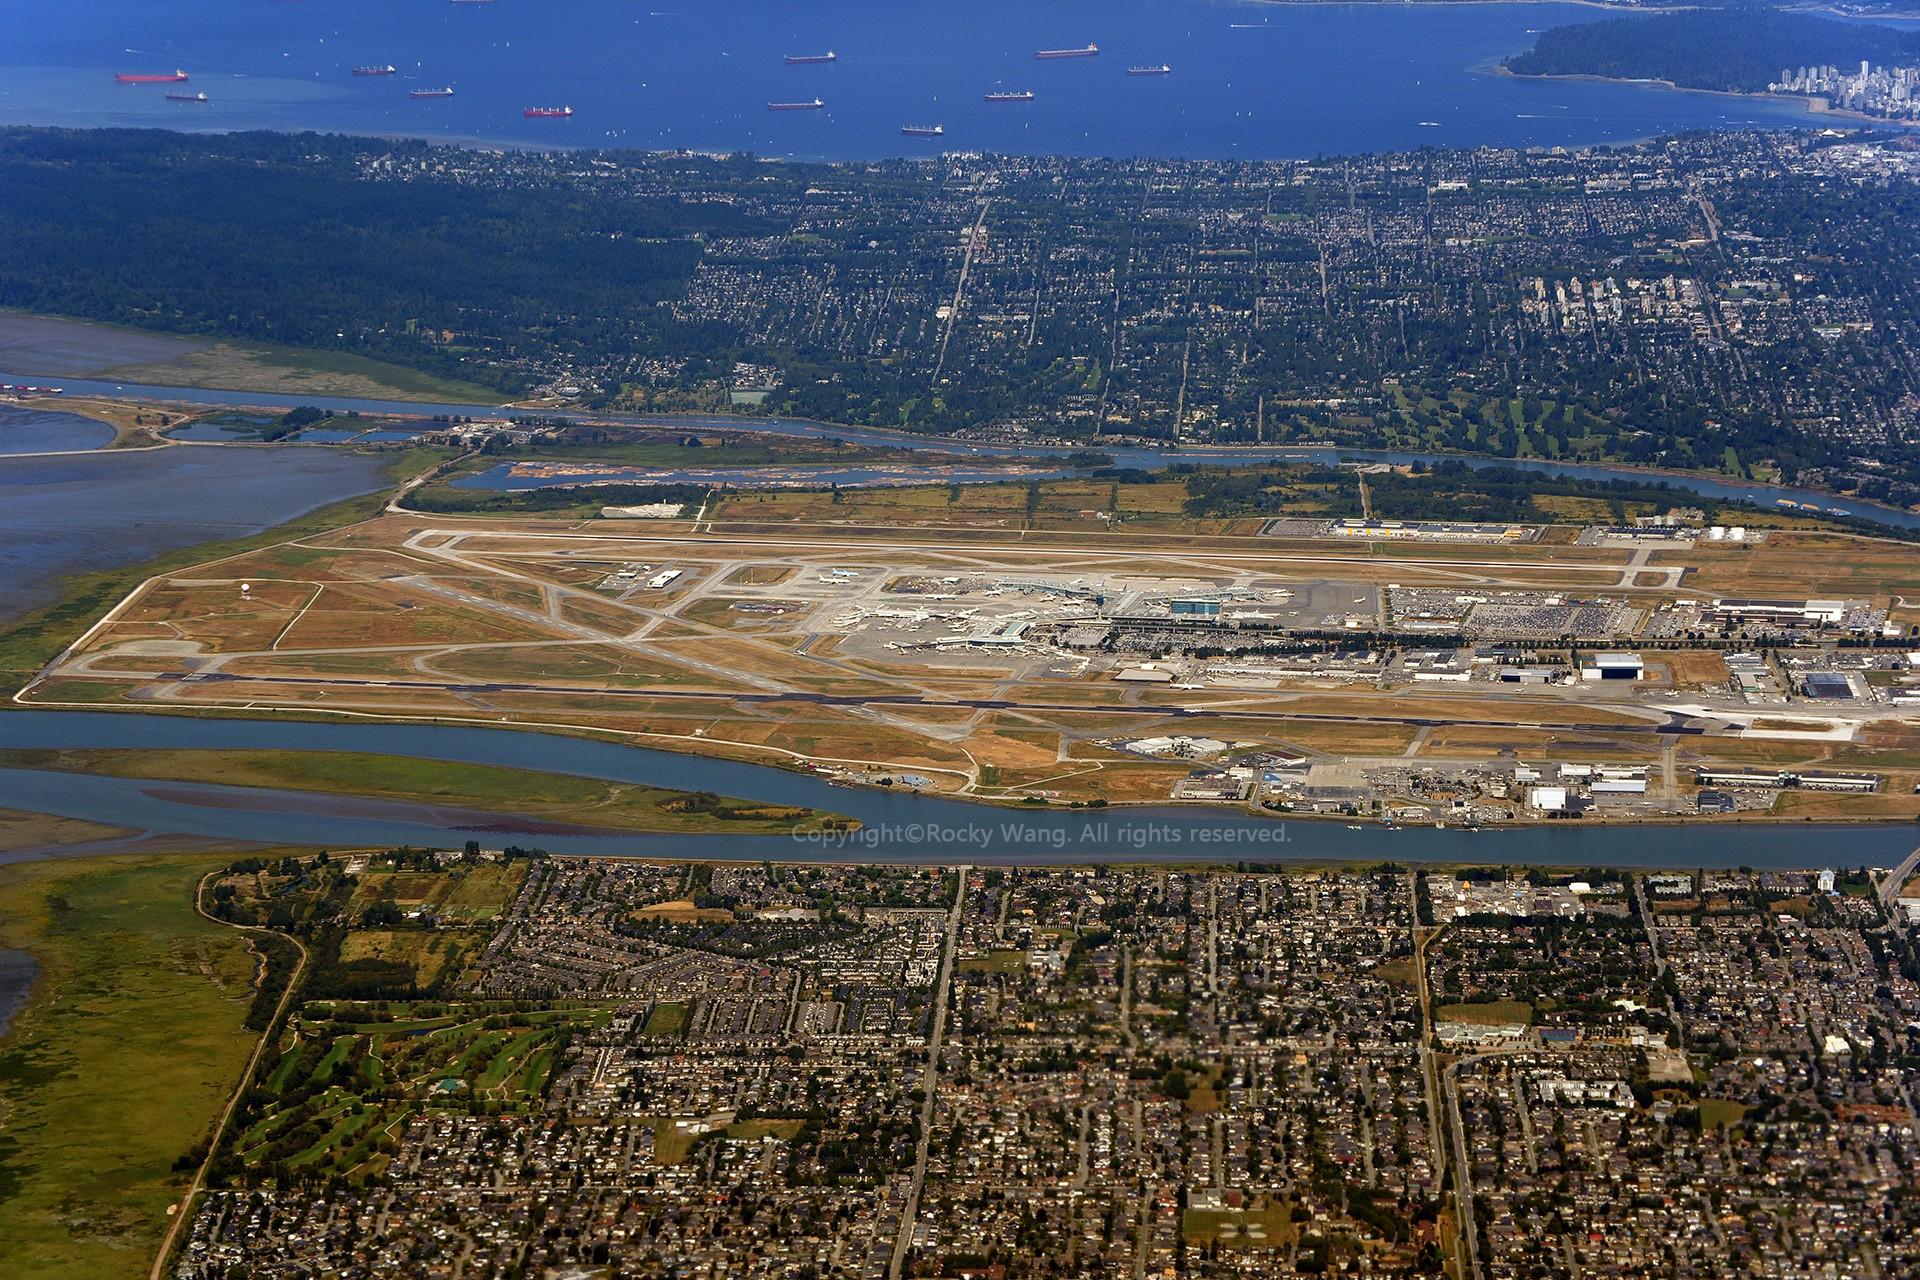 Re:[原创]简易版游记,纪念一次30段的环球飞行和一些碎碎念    加拿大温哥华机场